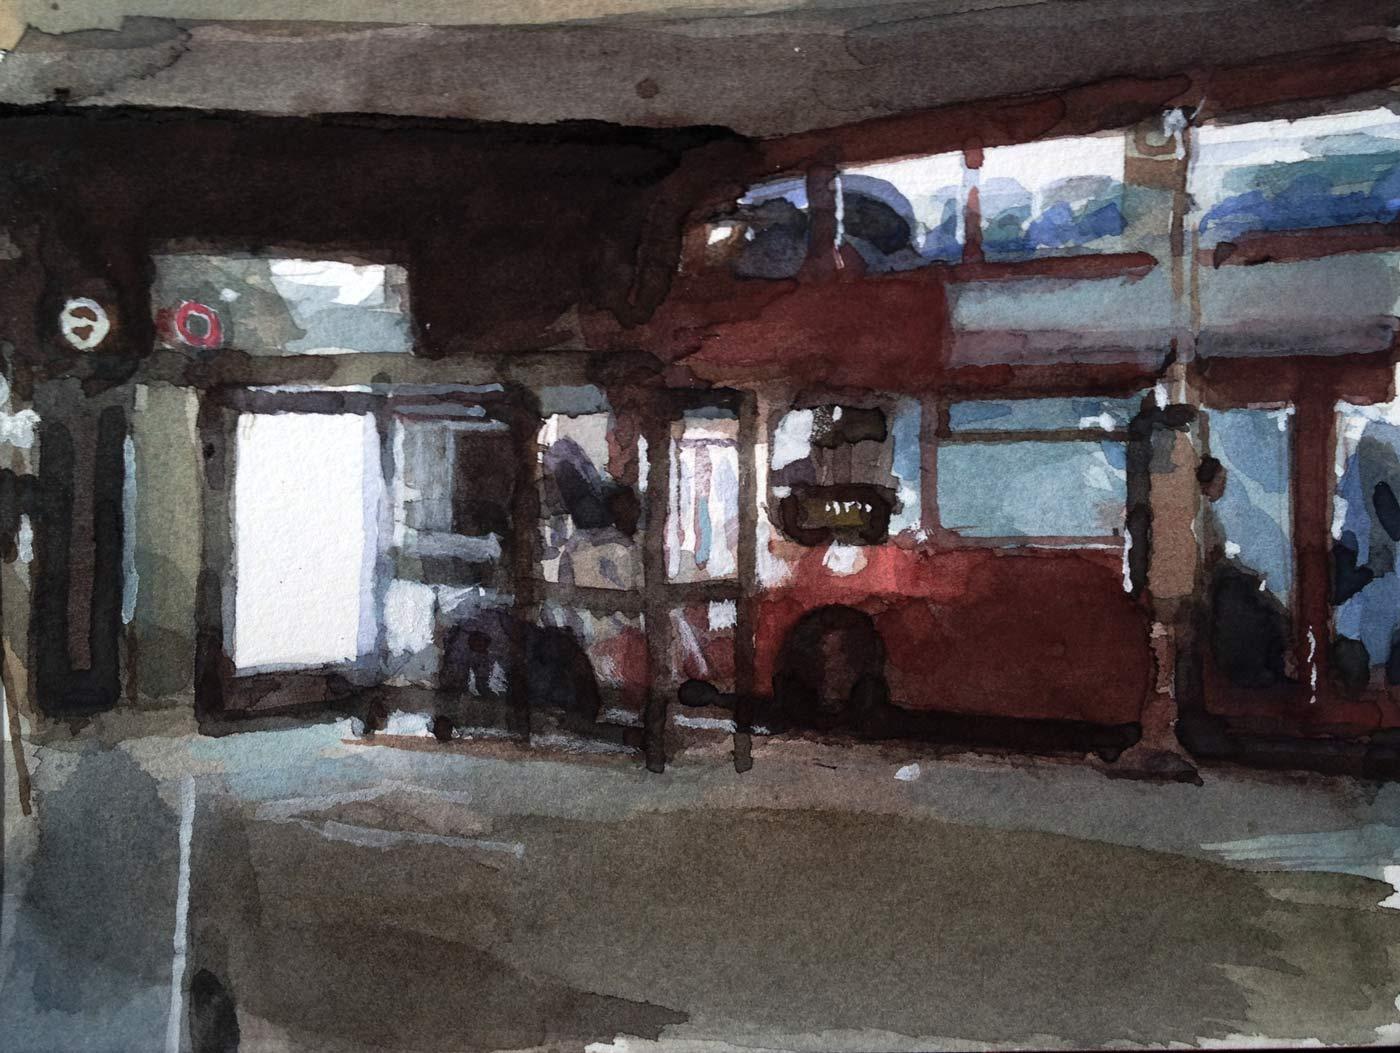 Bus_stop_Tooley_Street_LondonWEB.jpg